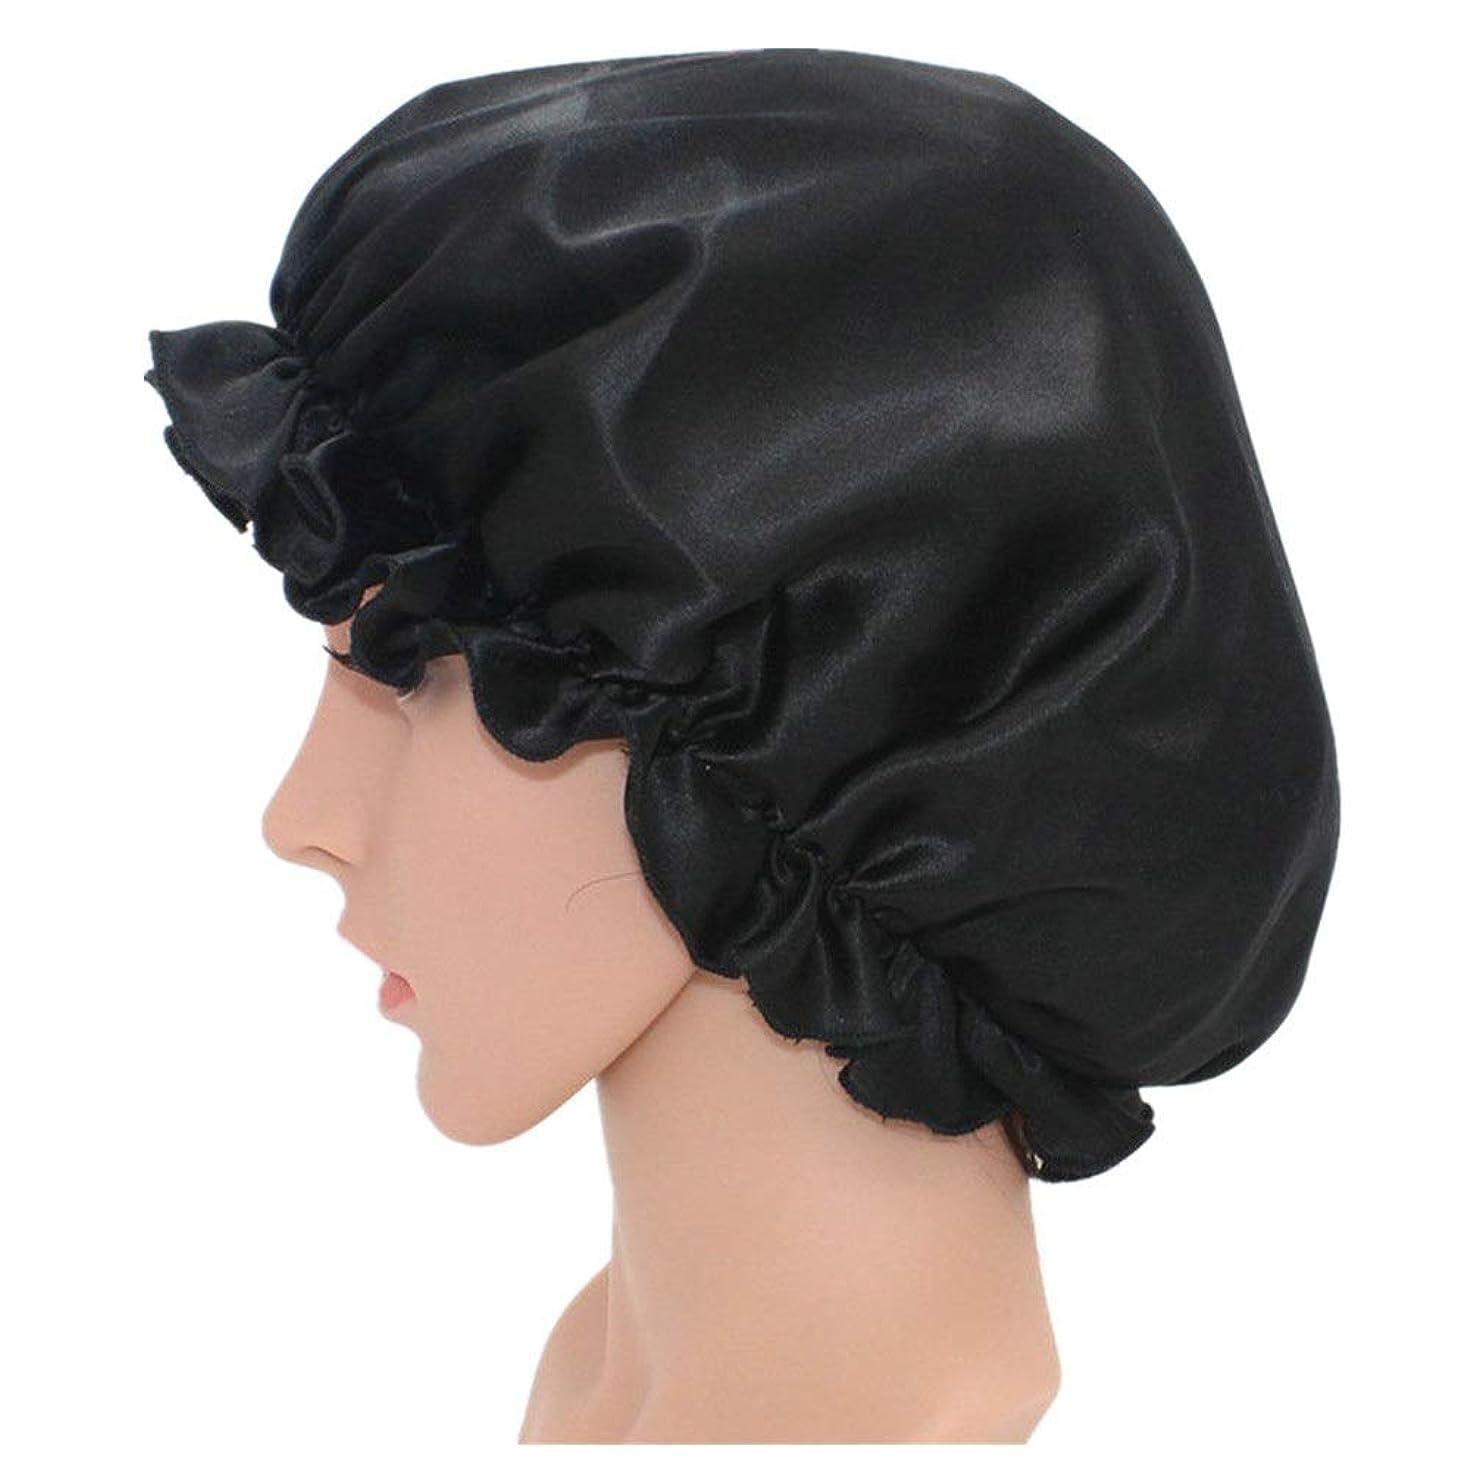 ポルノラオス人ペレット弾性スリーピングキャップ 調節可能な伸縮性があるリボンが付いている柔らかい帽子を眠っている脱毛の女性のためのシルクの睡眠の帽子の無地のボンネット (色 : ブラック, サイズ : Free size)